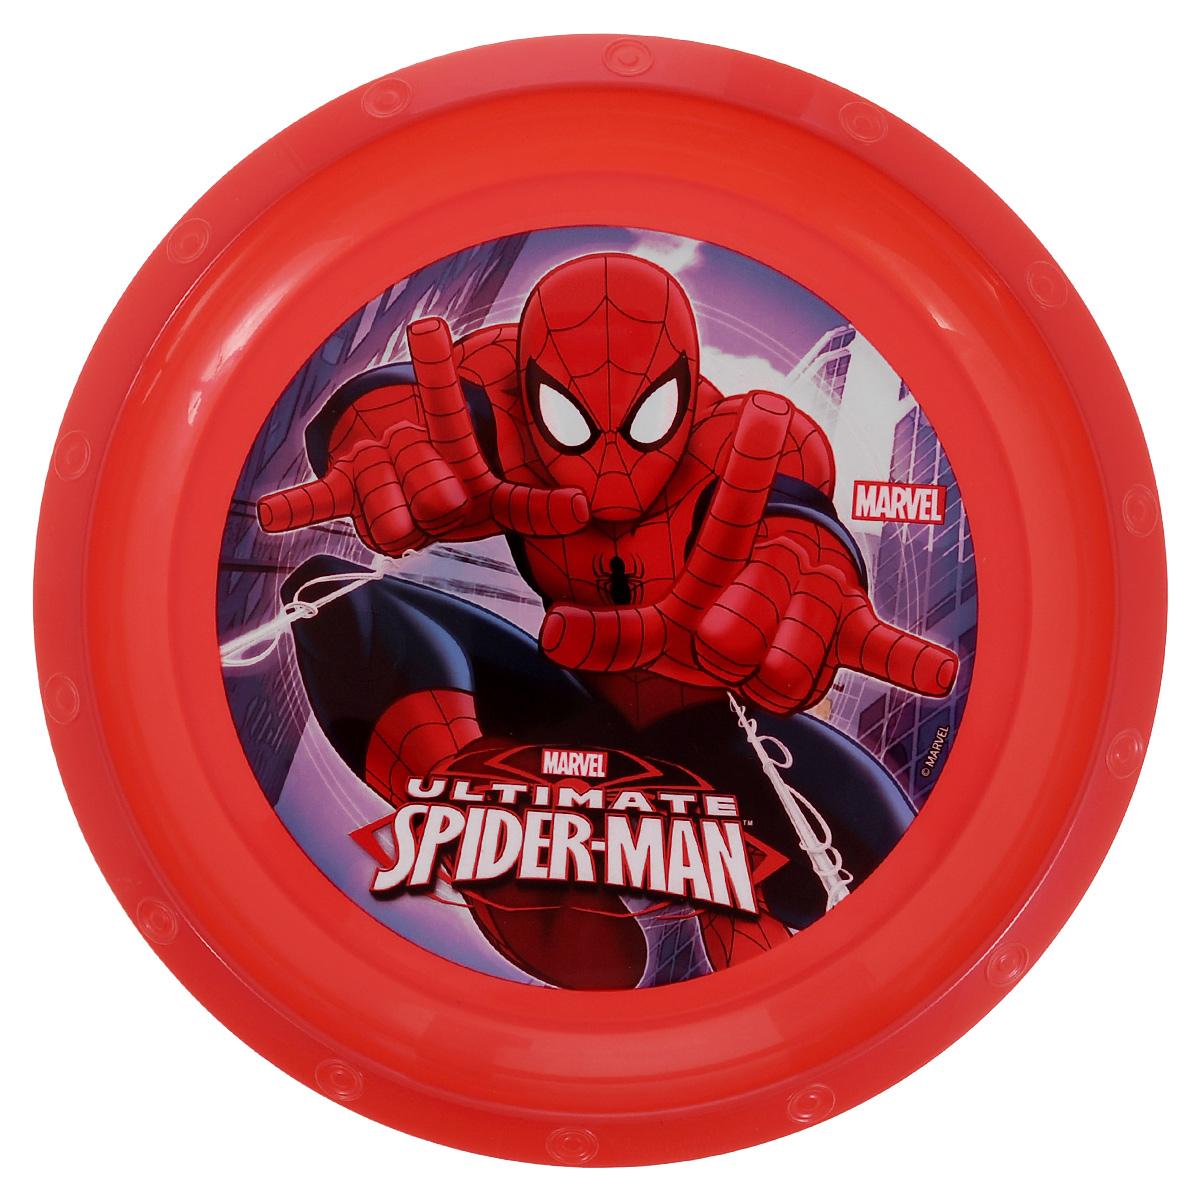 Тарелка Marvel Spider-Man, цвет: красный, 21.5 см115510Яркая тарелка Marvel Spider-Man, изготовленная из безопасного полипропилена красного цвета, непременно понравится юному обладателю. Дно миски оформлено изображением супергероя - человека-паука из одноименного мультсериала. Изделие очень функционально, пригодится на кухне для самых разнообразных нужд.Рекомендуется для детей от: 3 лет.